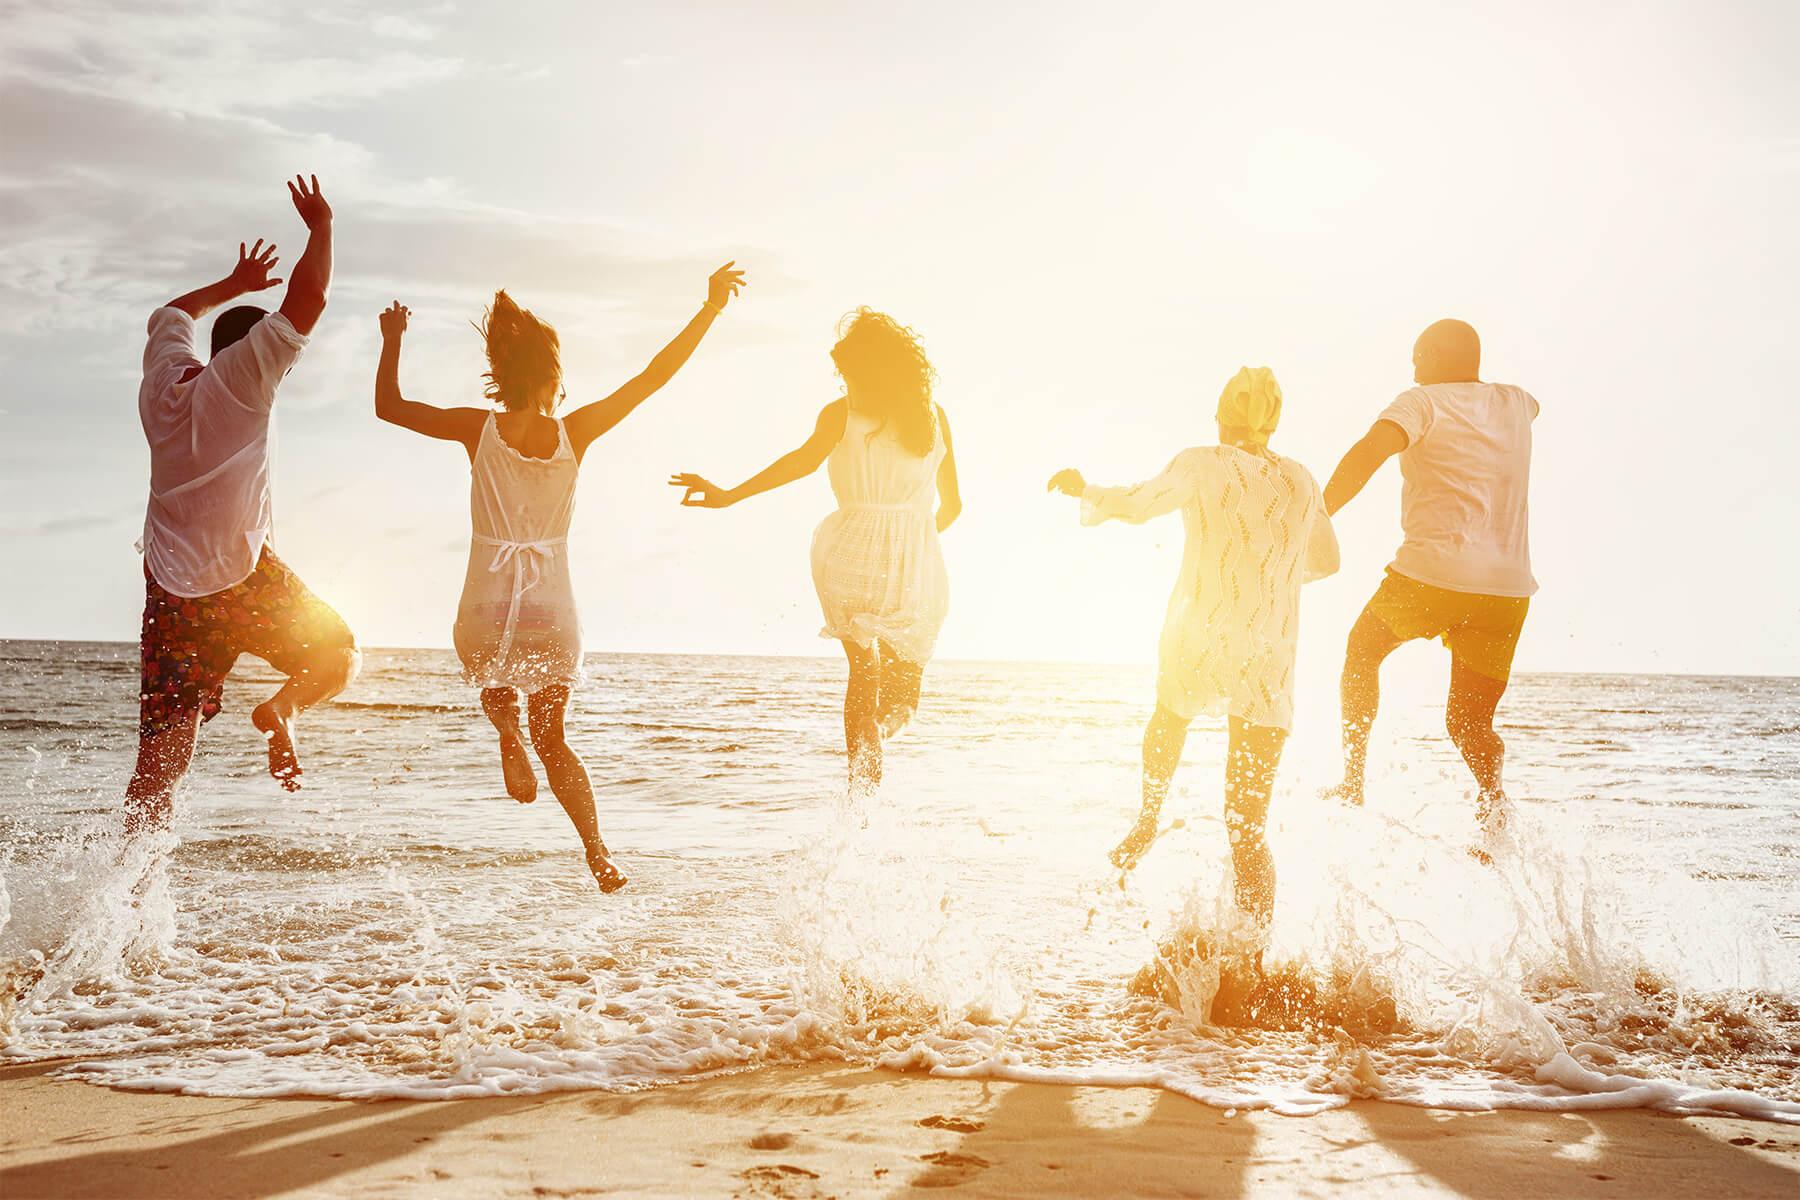 Χρησιμοποείτε Σωστά το Αντηλιακό σας; Χρήσιμες Συμβουλές για Όλη την Οικογένεια!